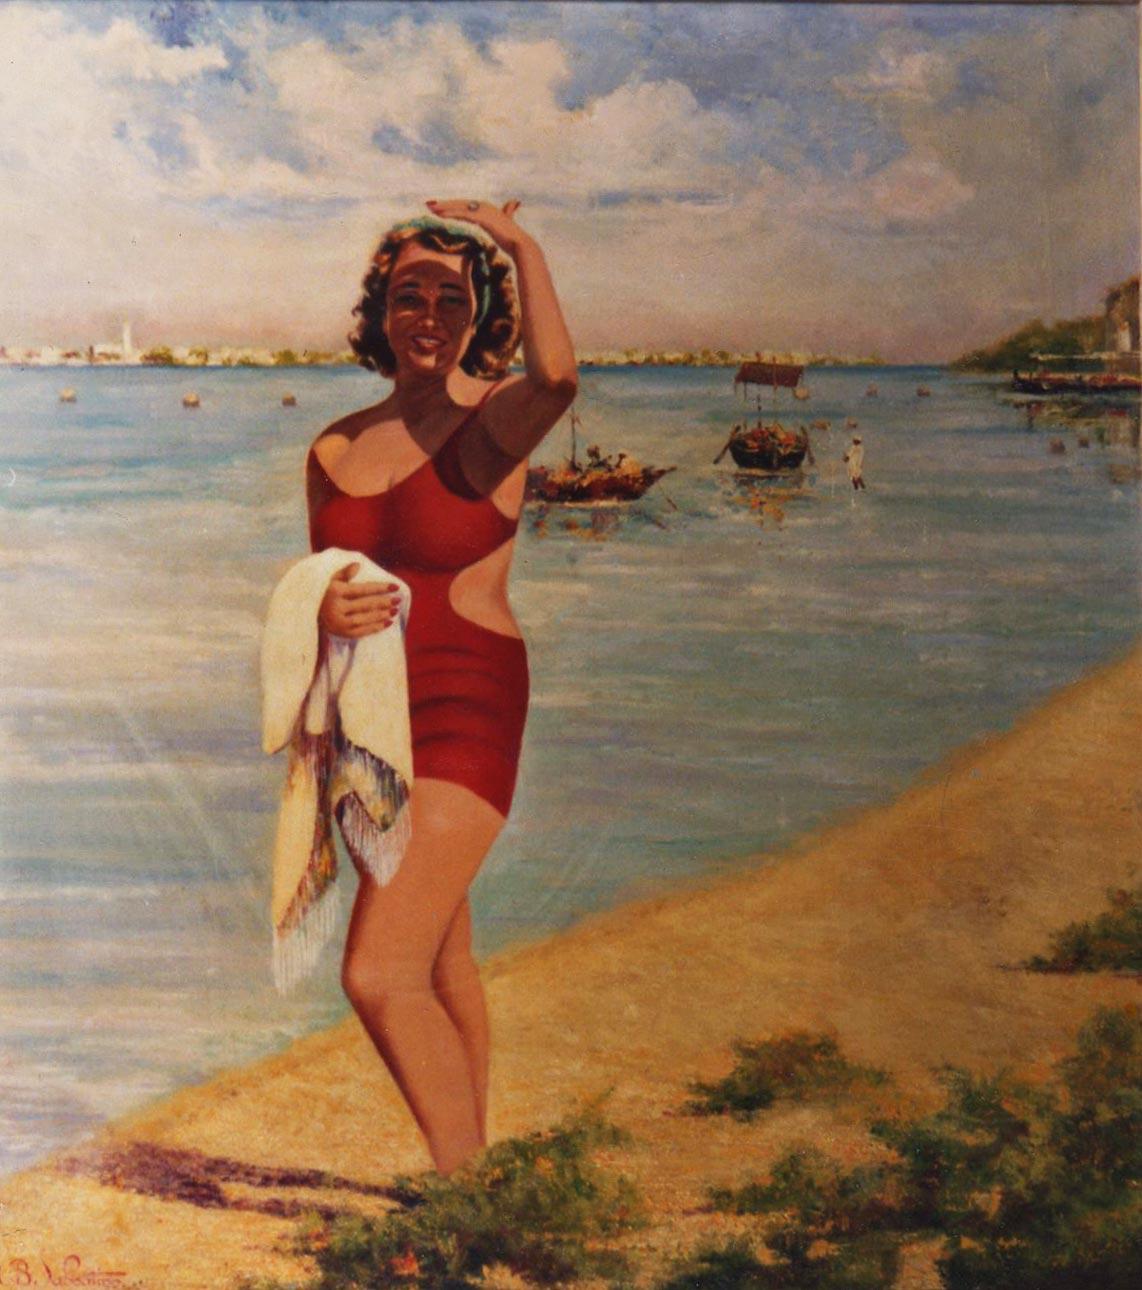 quadri ritratto donna spiaggia olio Sabbatino